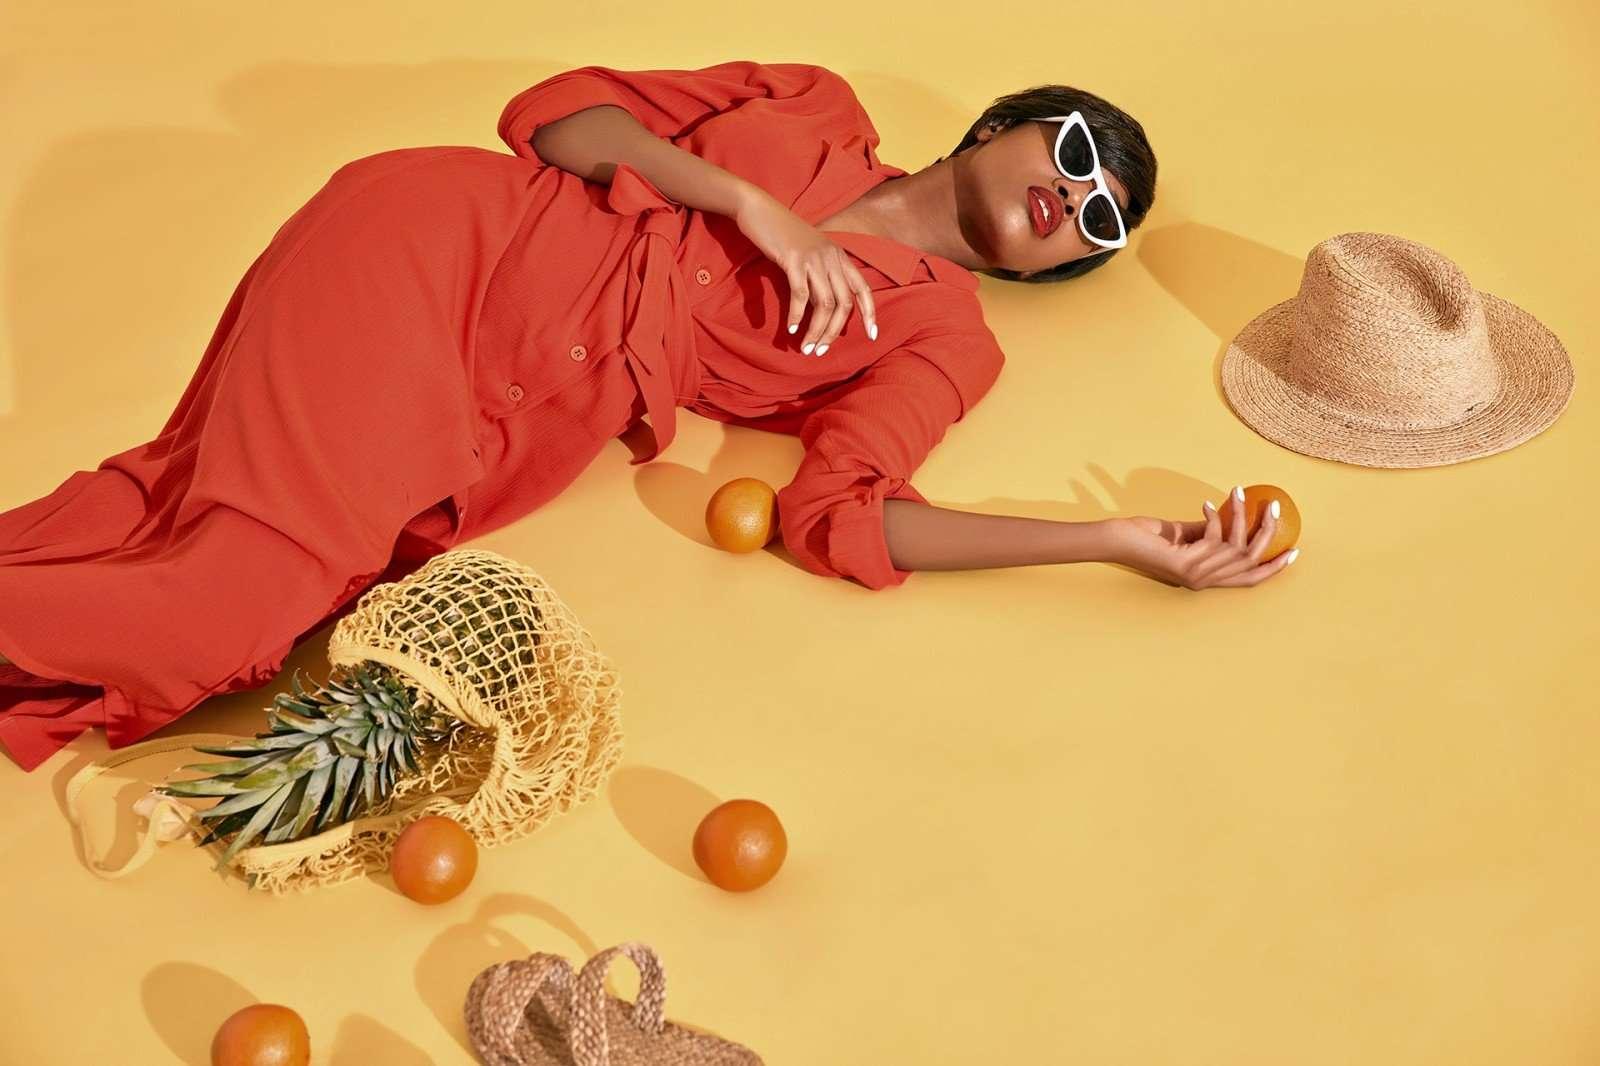 Сумка-авоська, детская присыпка, замороженная губка и другие хитрости для тех, кто хочет выглядеть идеально на пляже